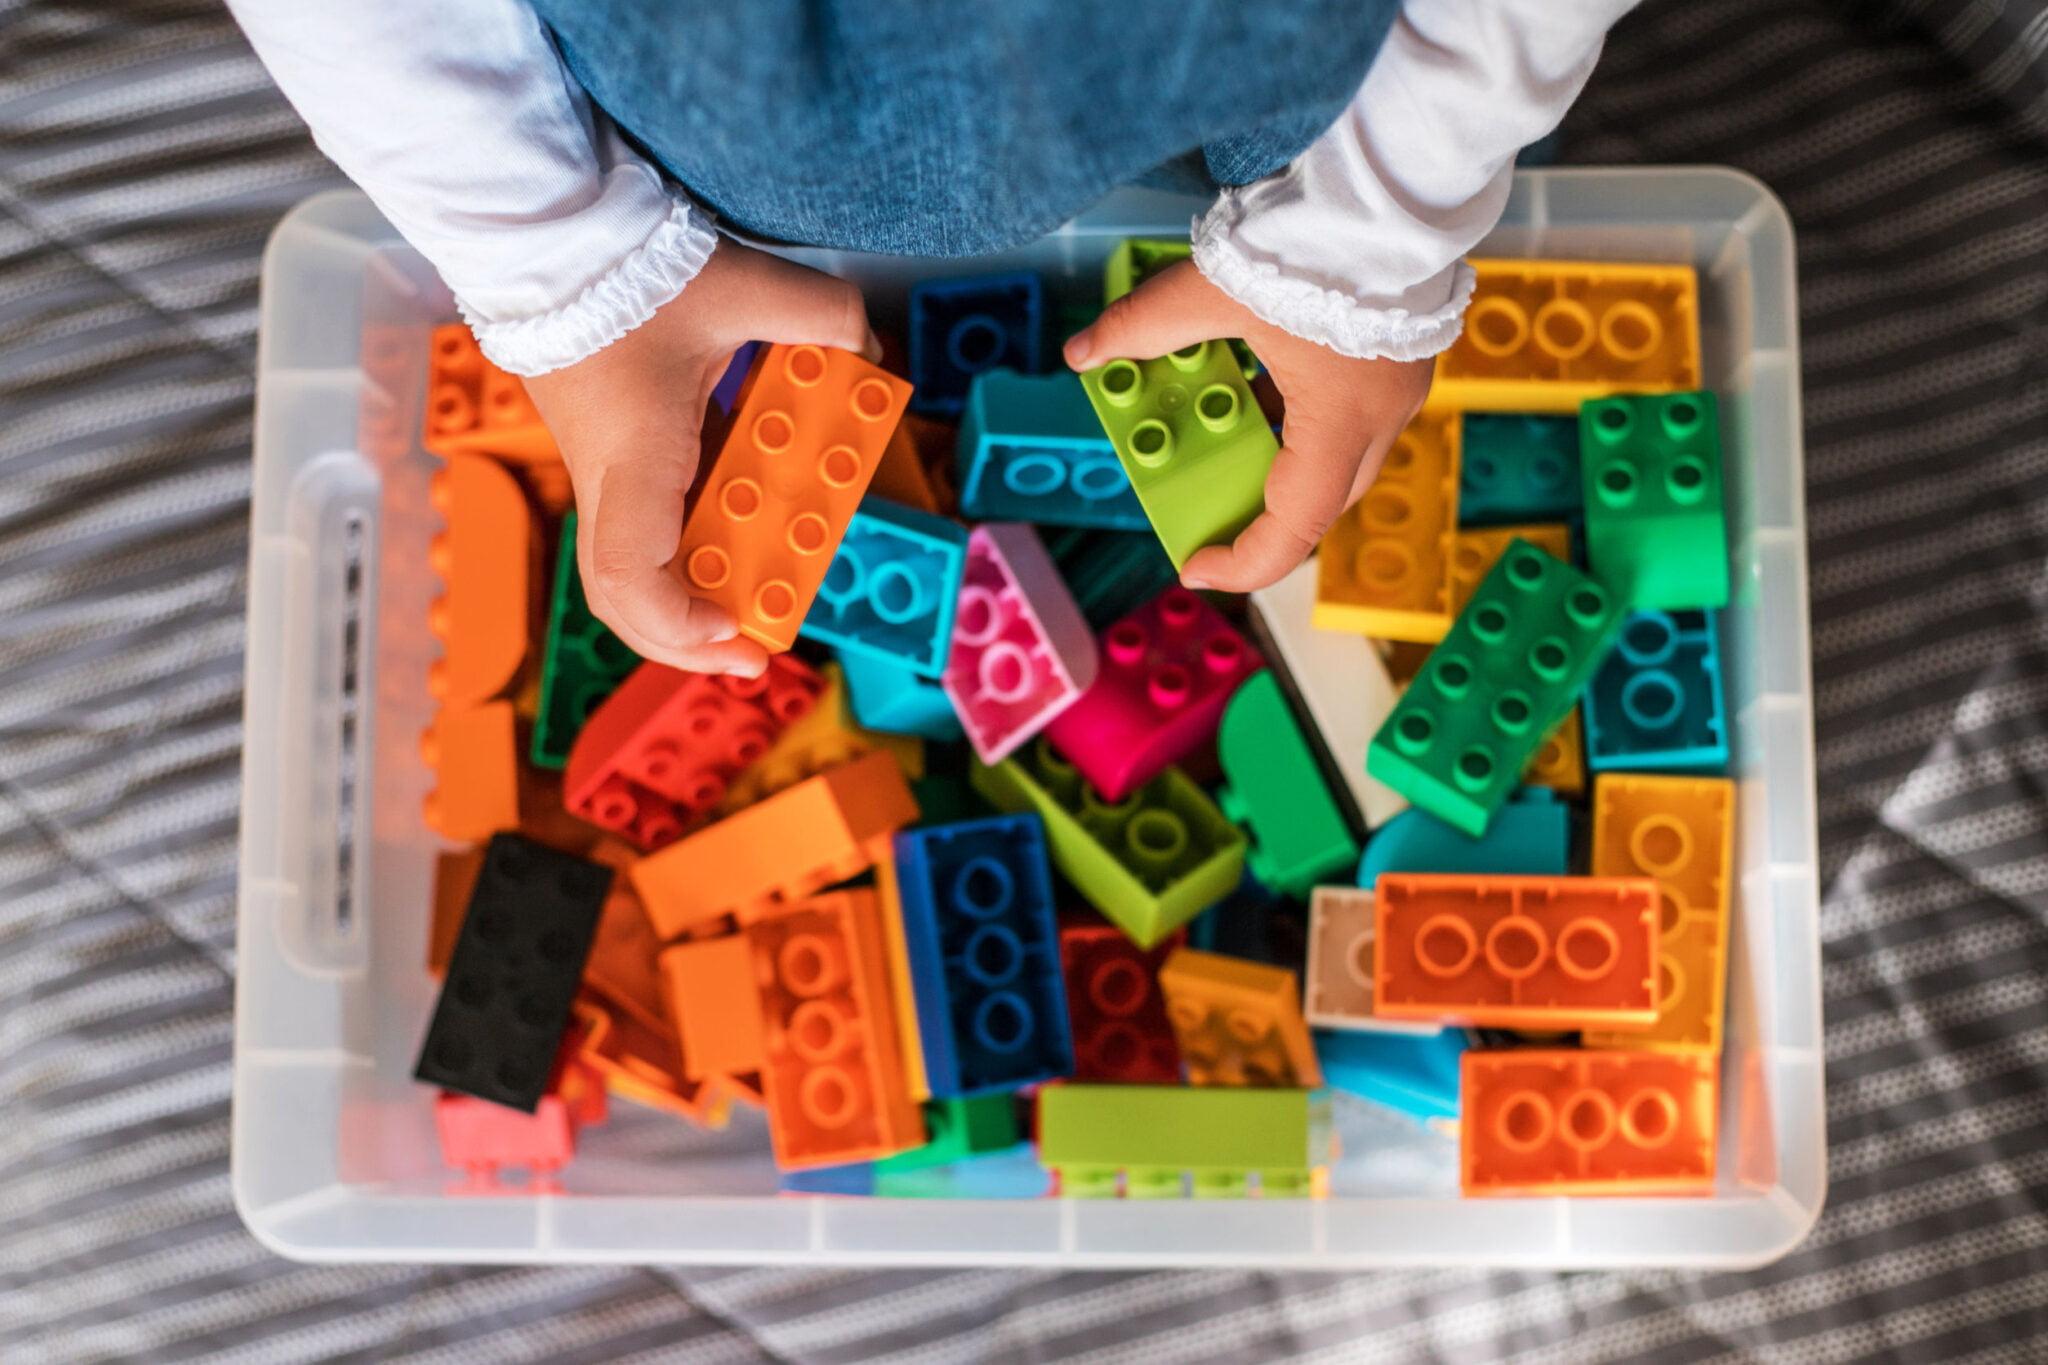 Tips om Lego en ander speelgoed schoon te maken - Mamaliefde.nl